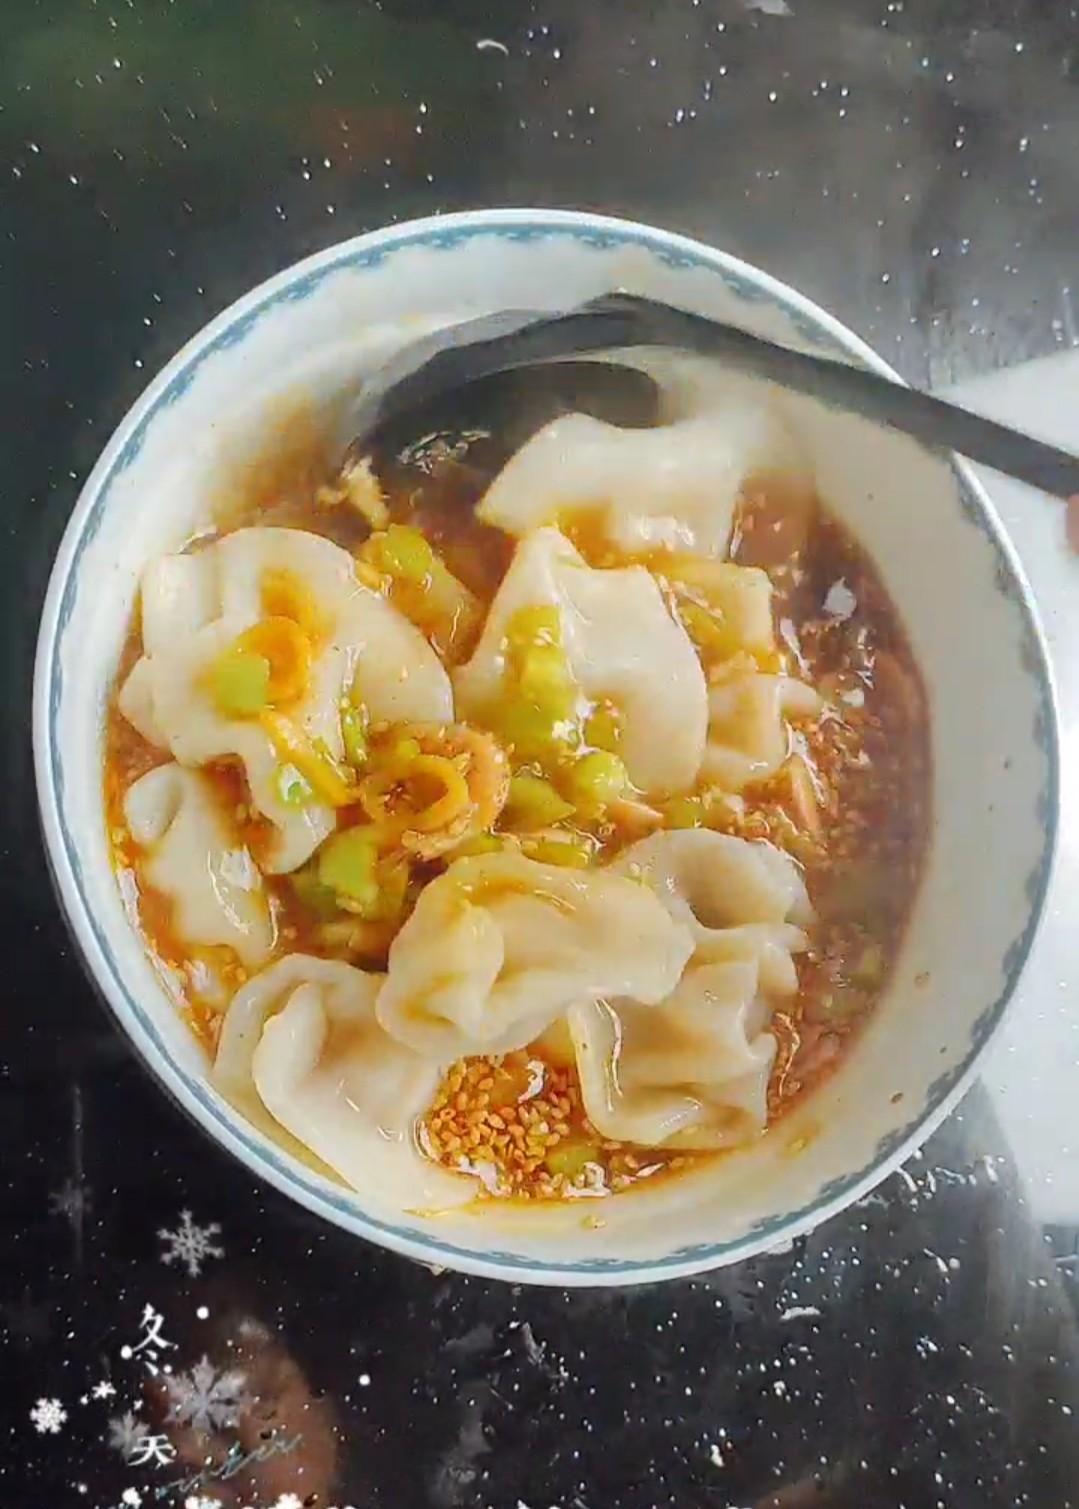 #冬至大如年#酸汤水饺怎么炒